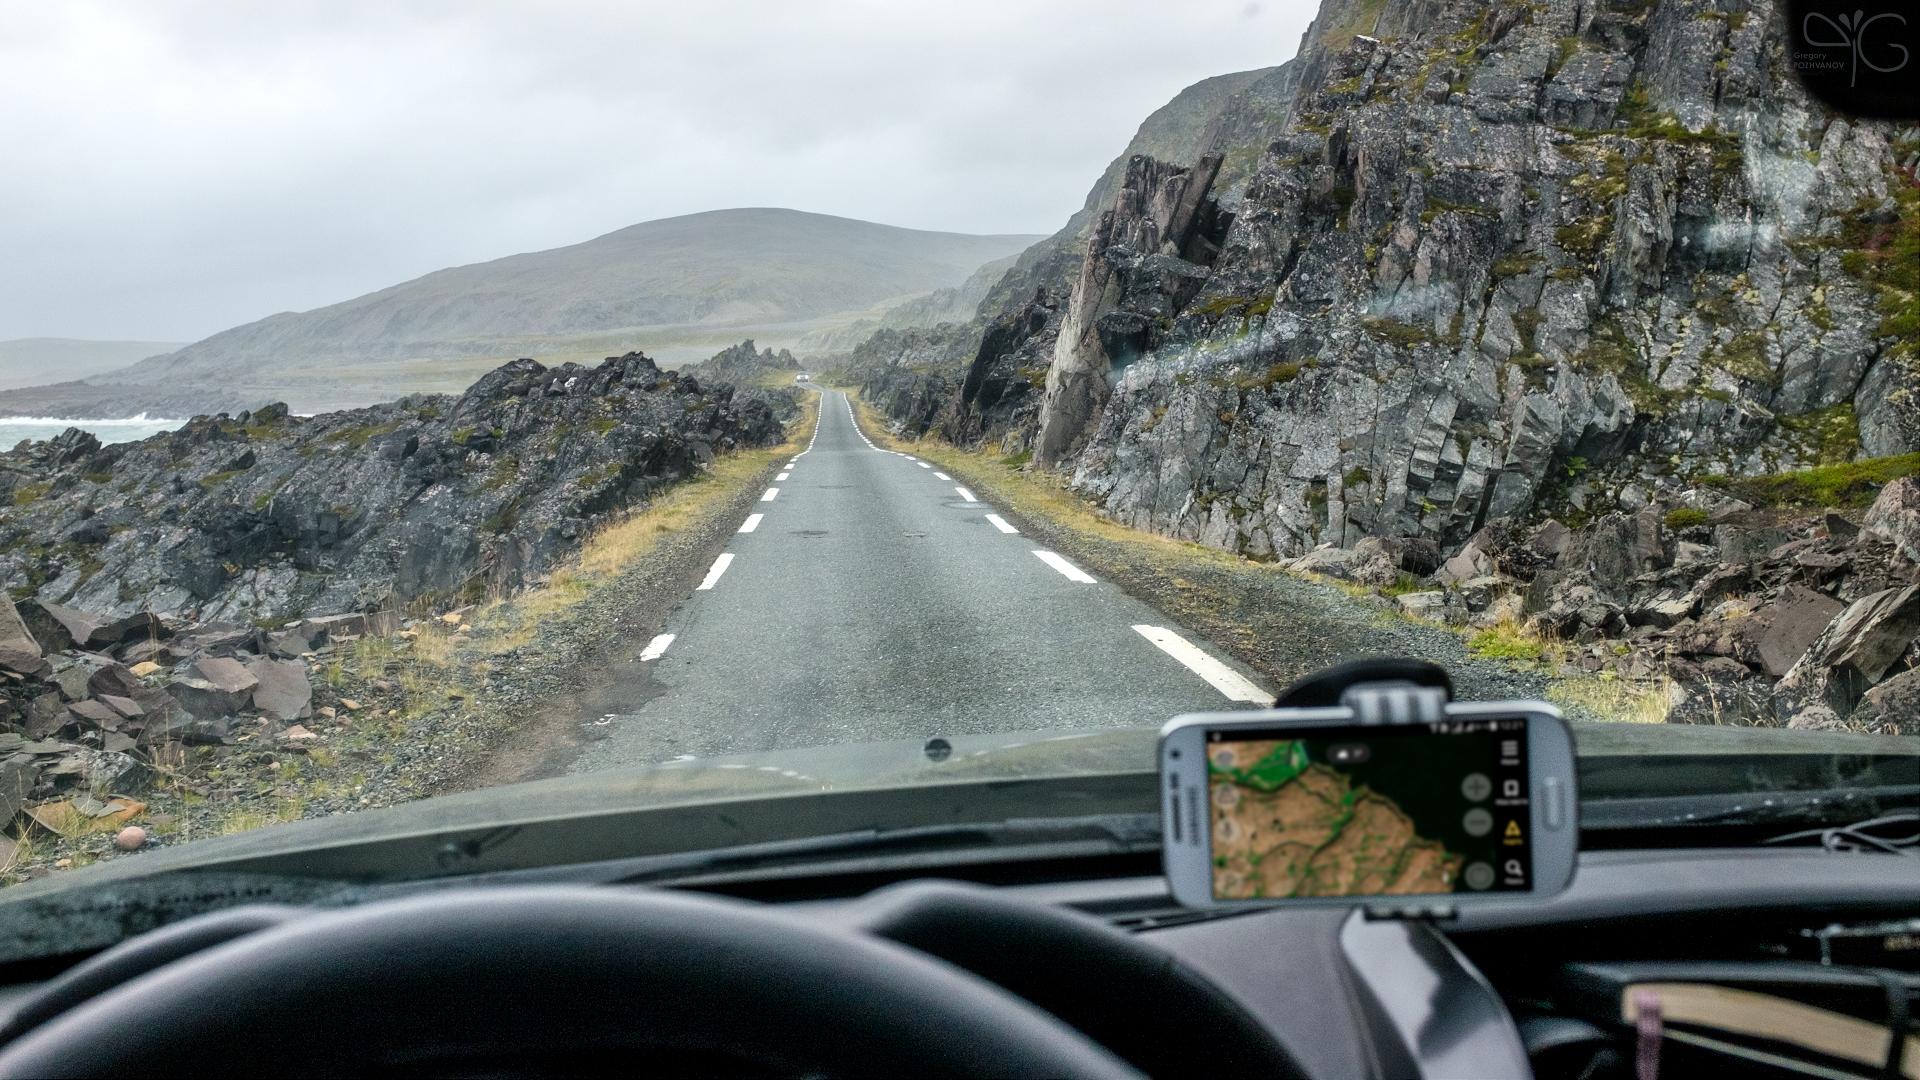 Как настроить навигатор на мобильном телефоне: пошаговая инструкция